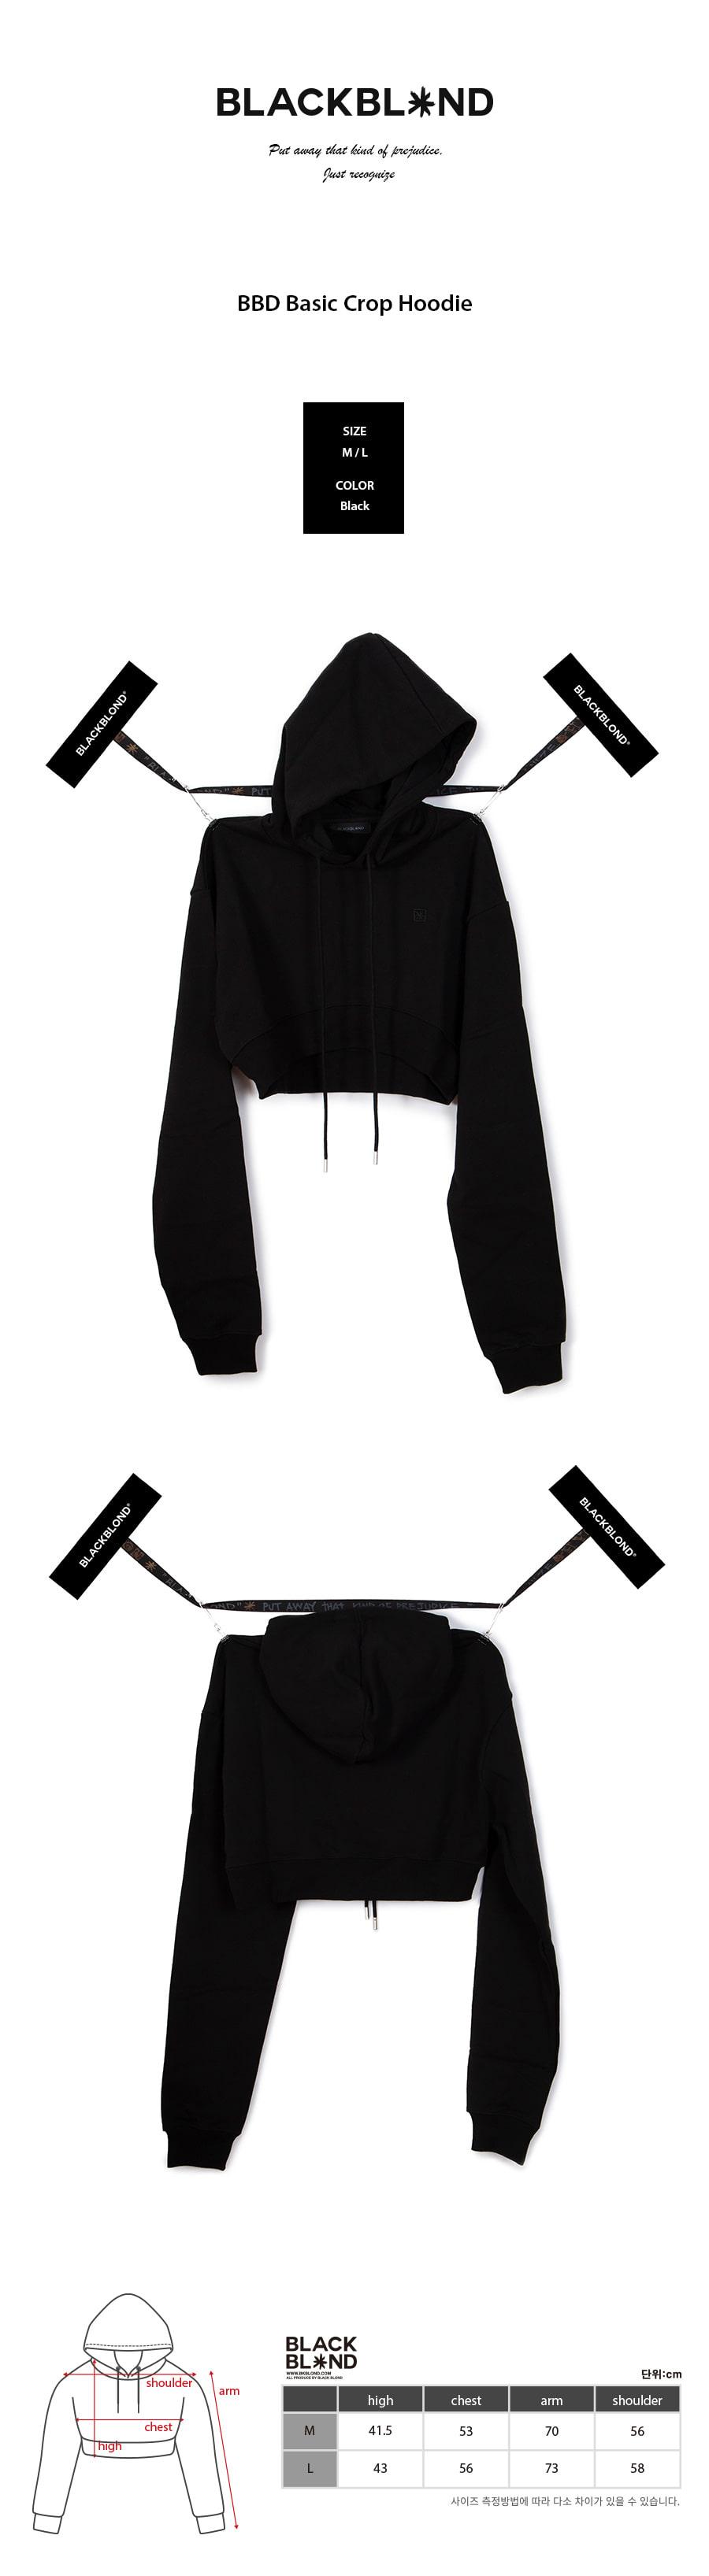 블랙블론드 BLACKBLOND - BBD Basic Crop Hoodie (Black)